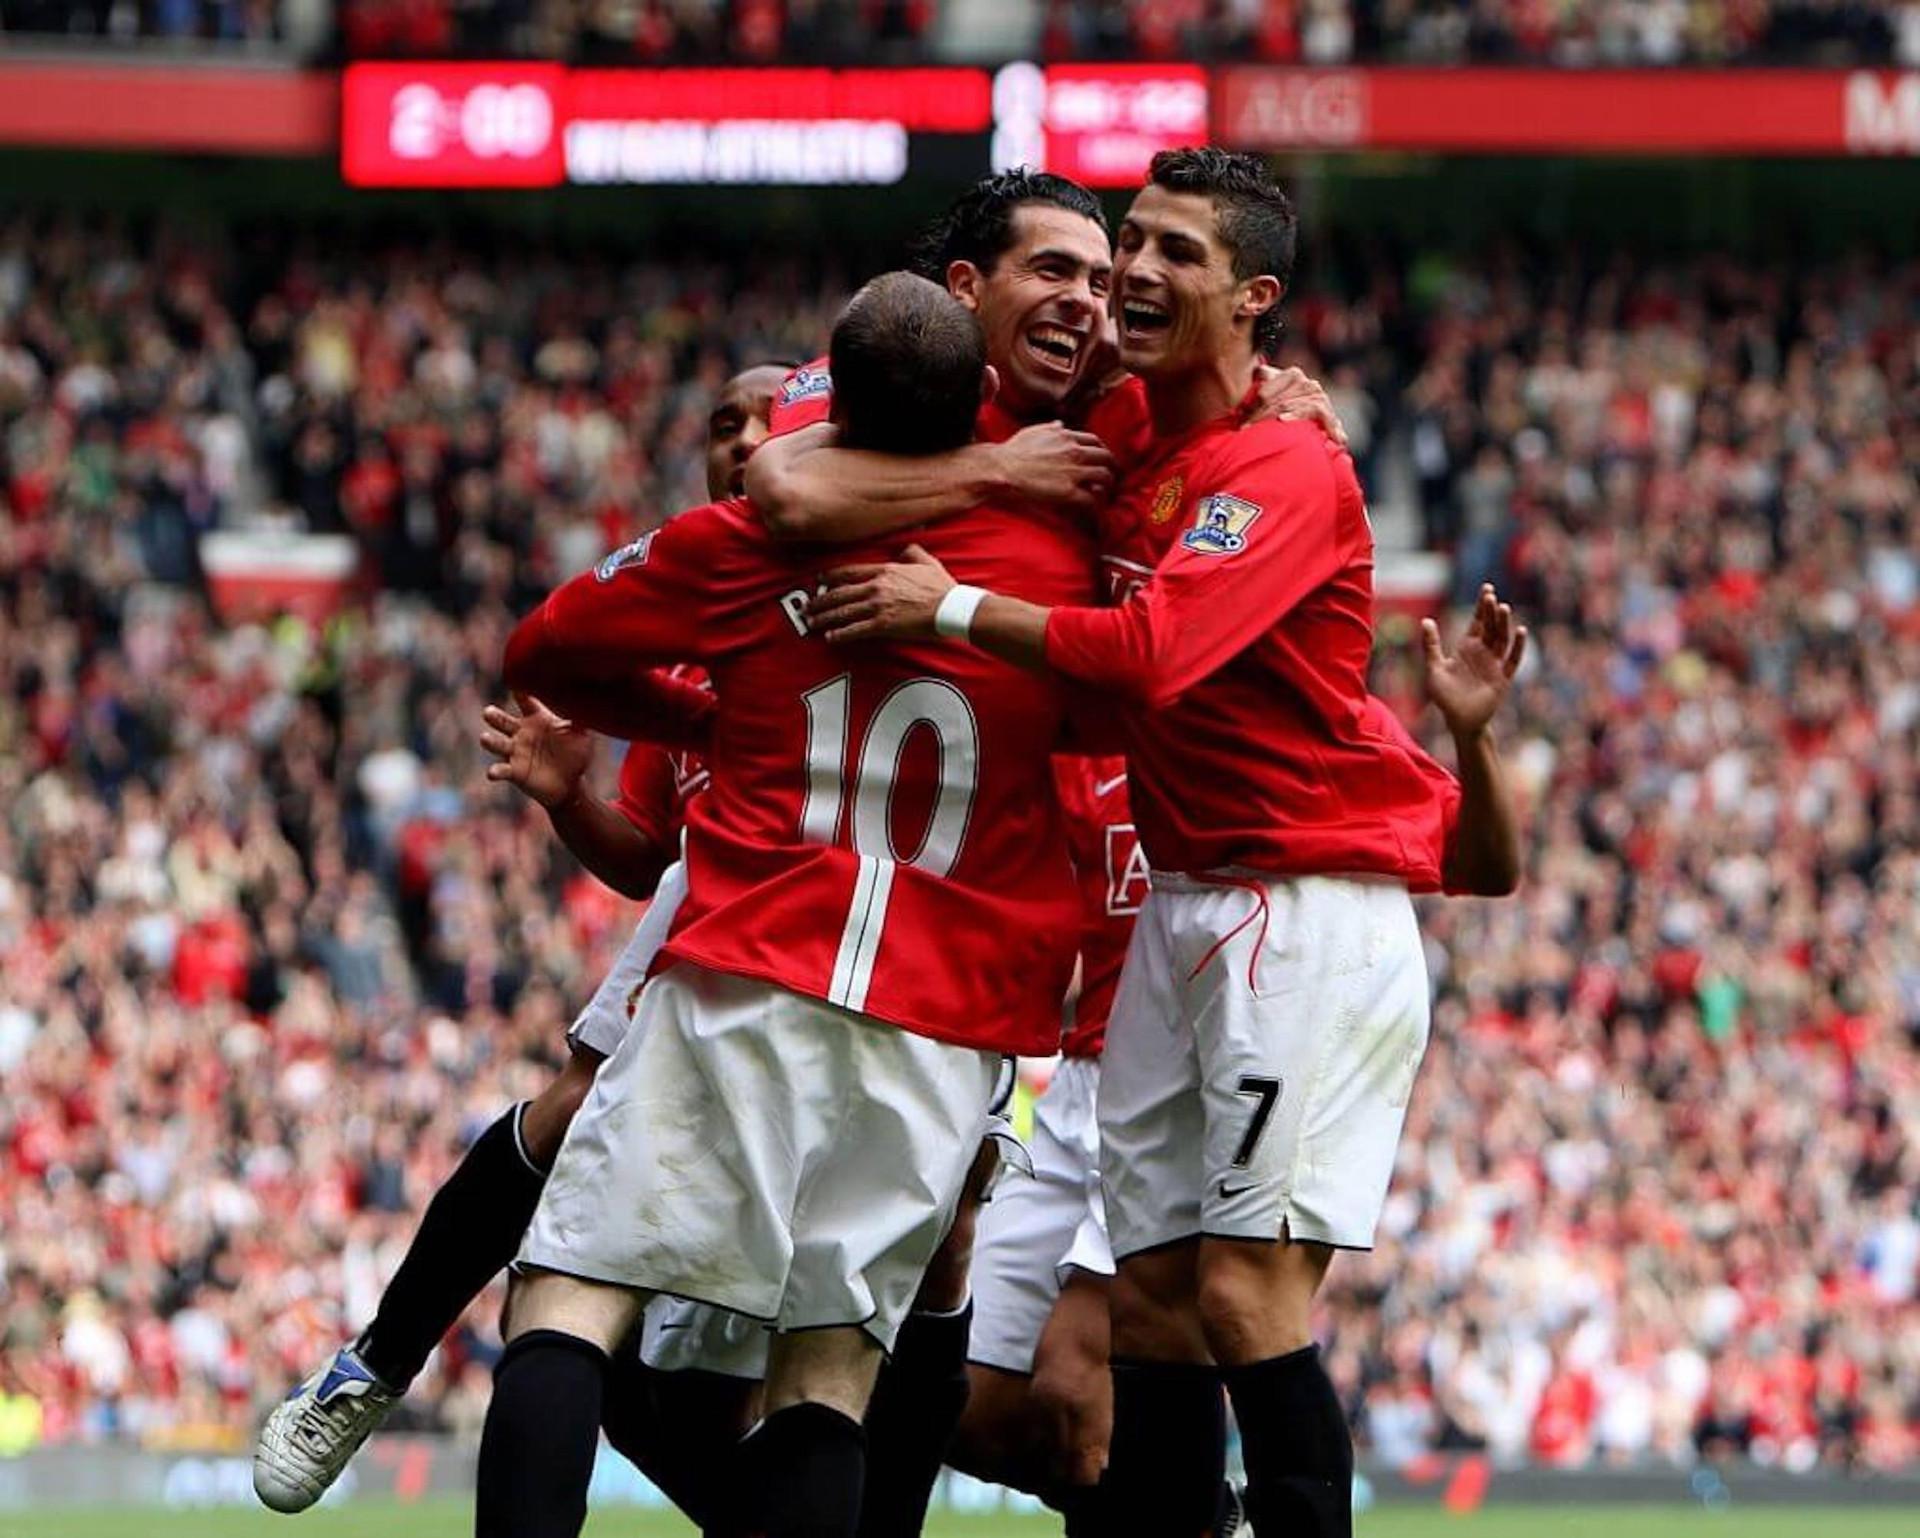 Tấn công mãn nhãn, Man Utd khởi đầu hoàn hảo chiến dịch tranh ngôi vô địch - 5